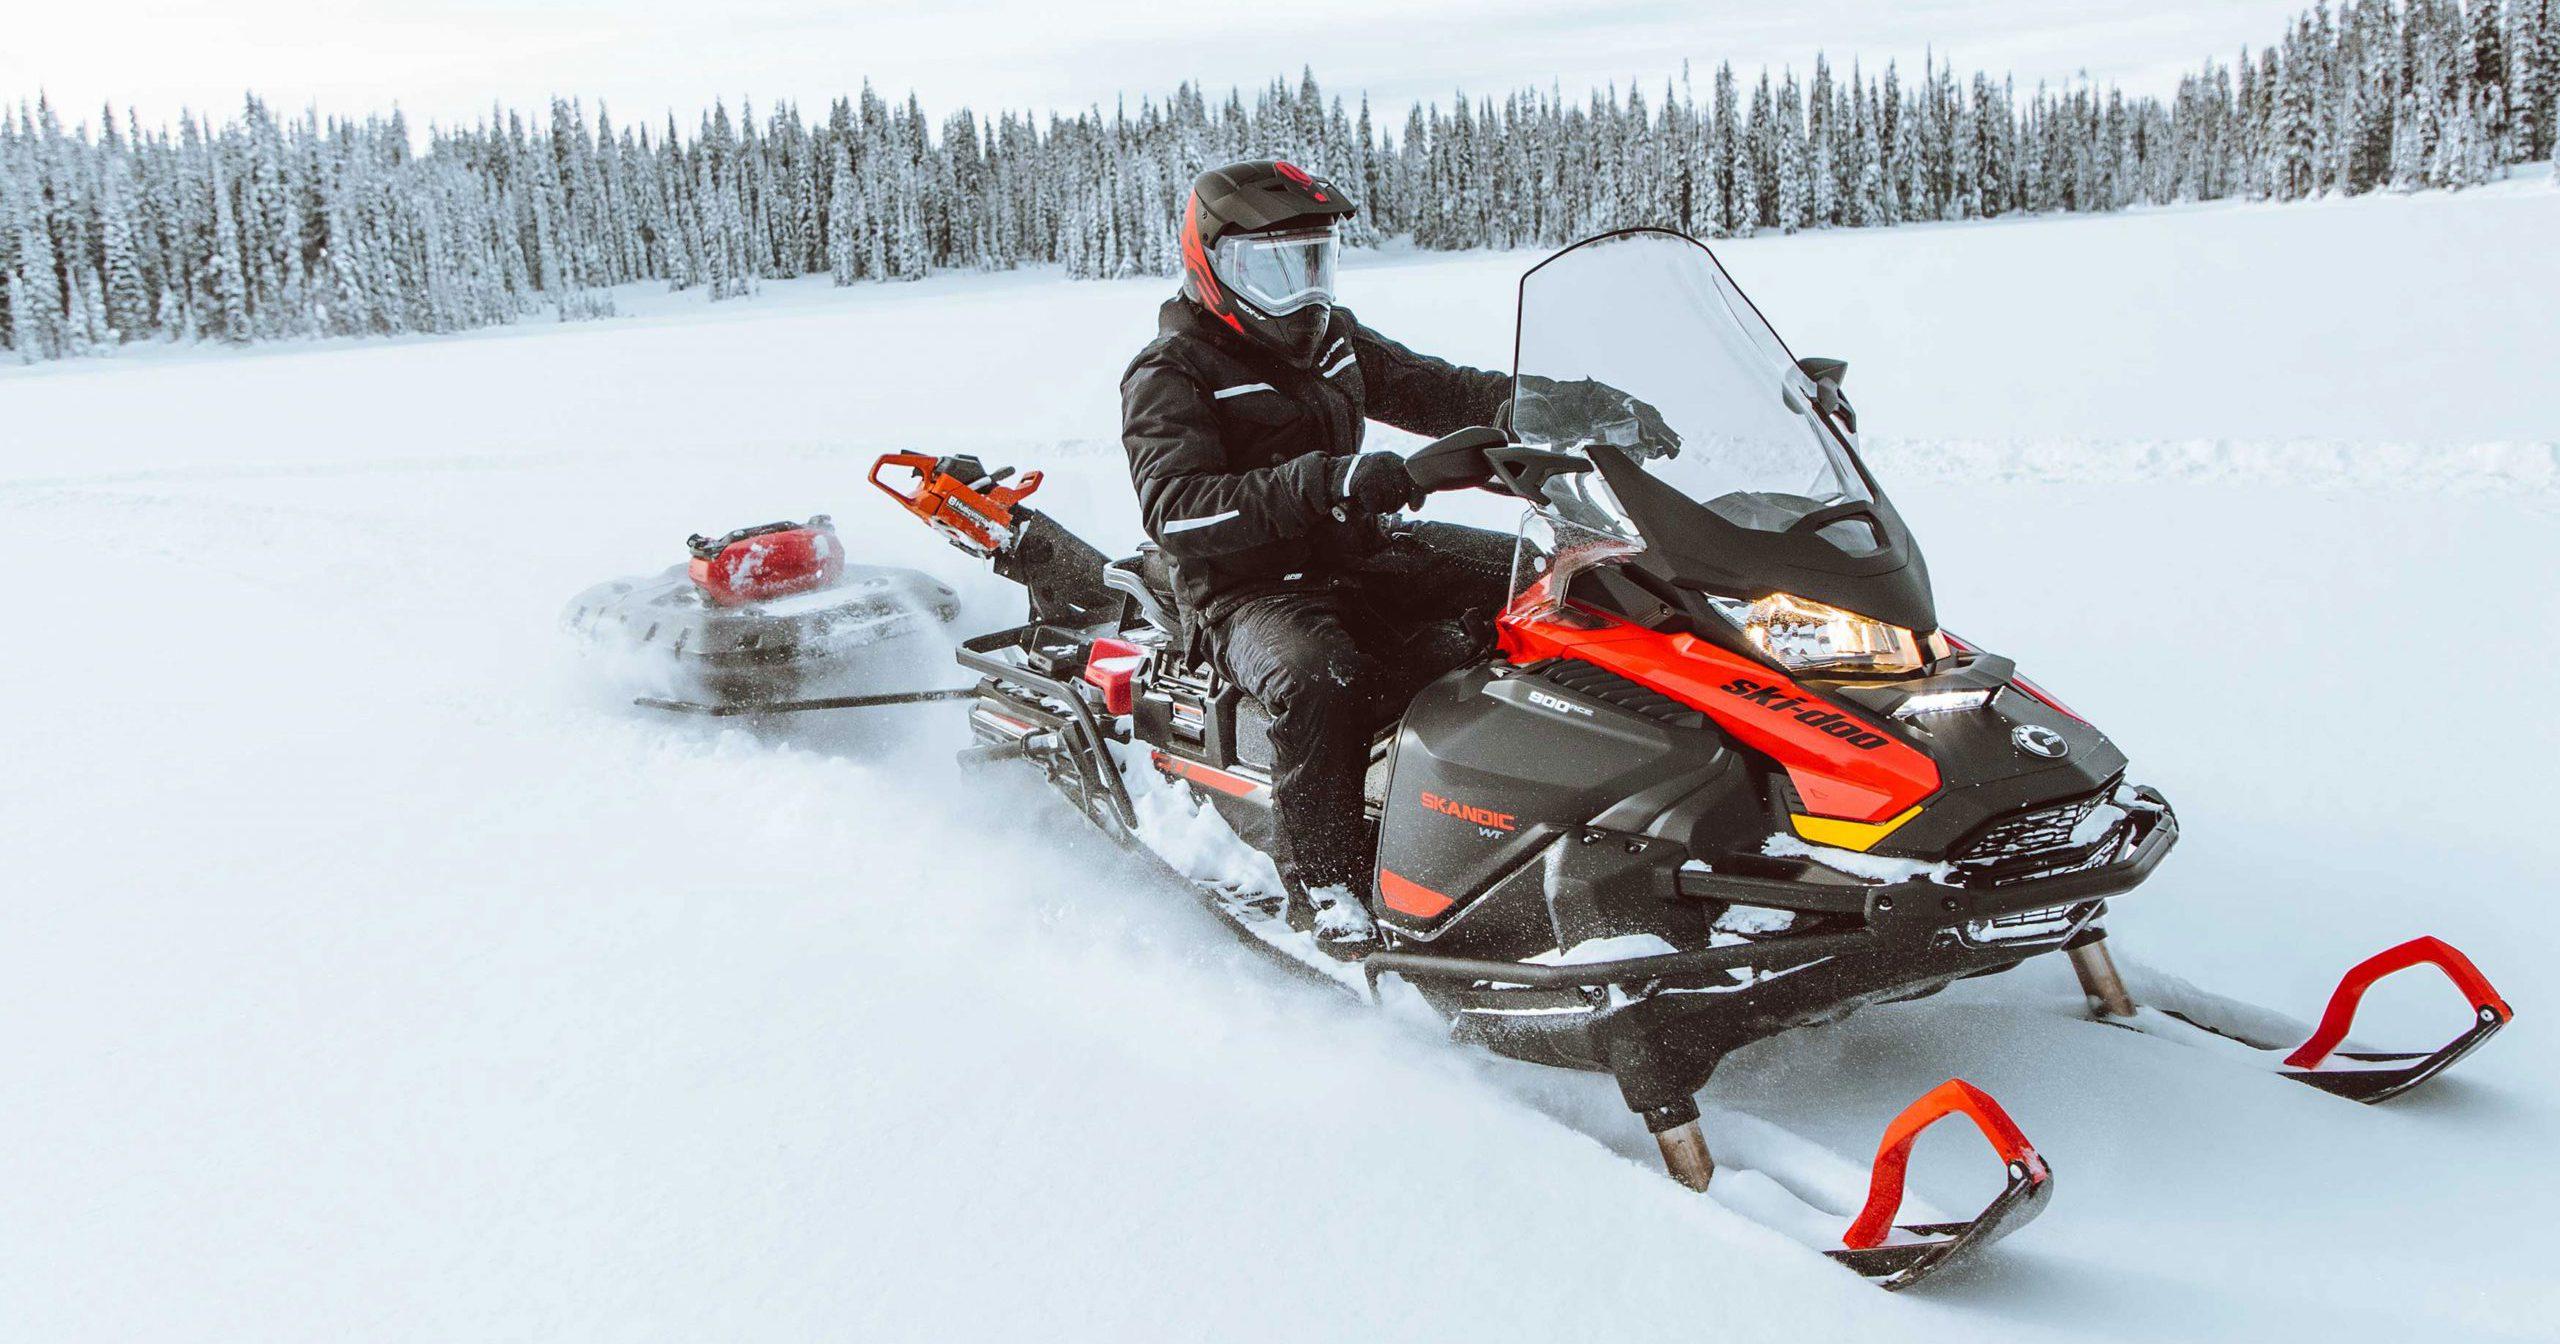 ТОП-5 лучших утилитарных и туристических снегоходов